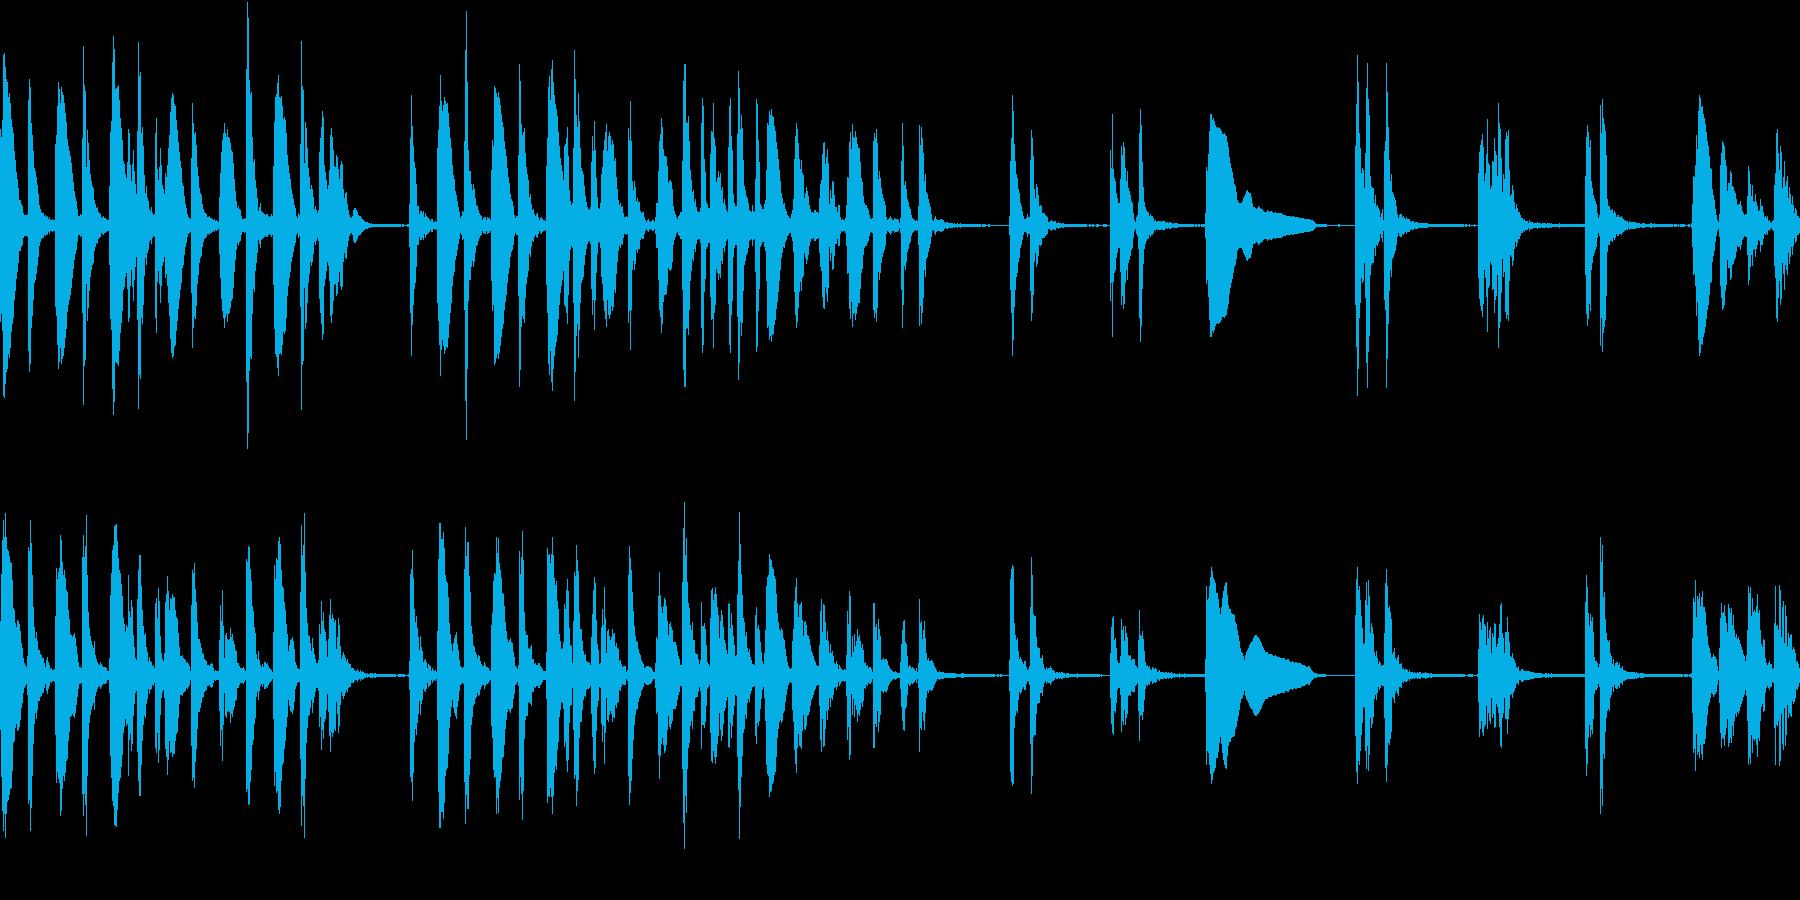 音数少なめ、可愛いアコースティックBGMの再生済みの波形